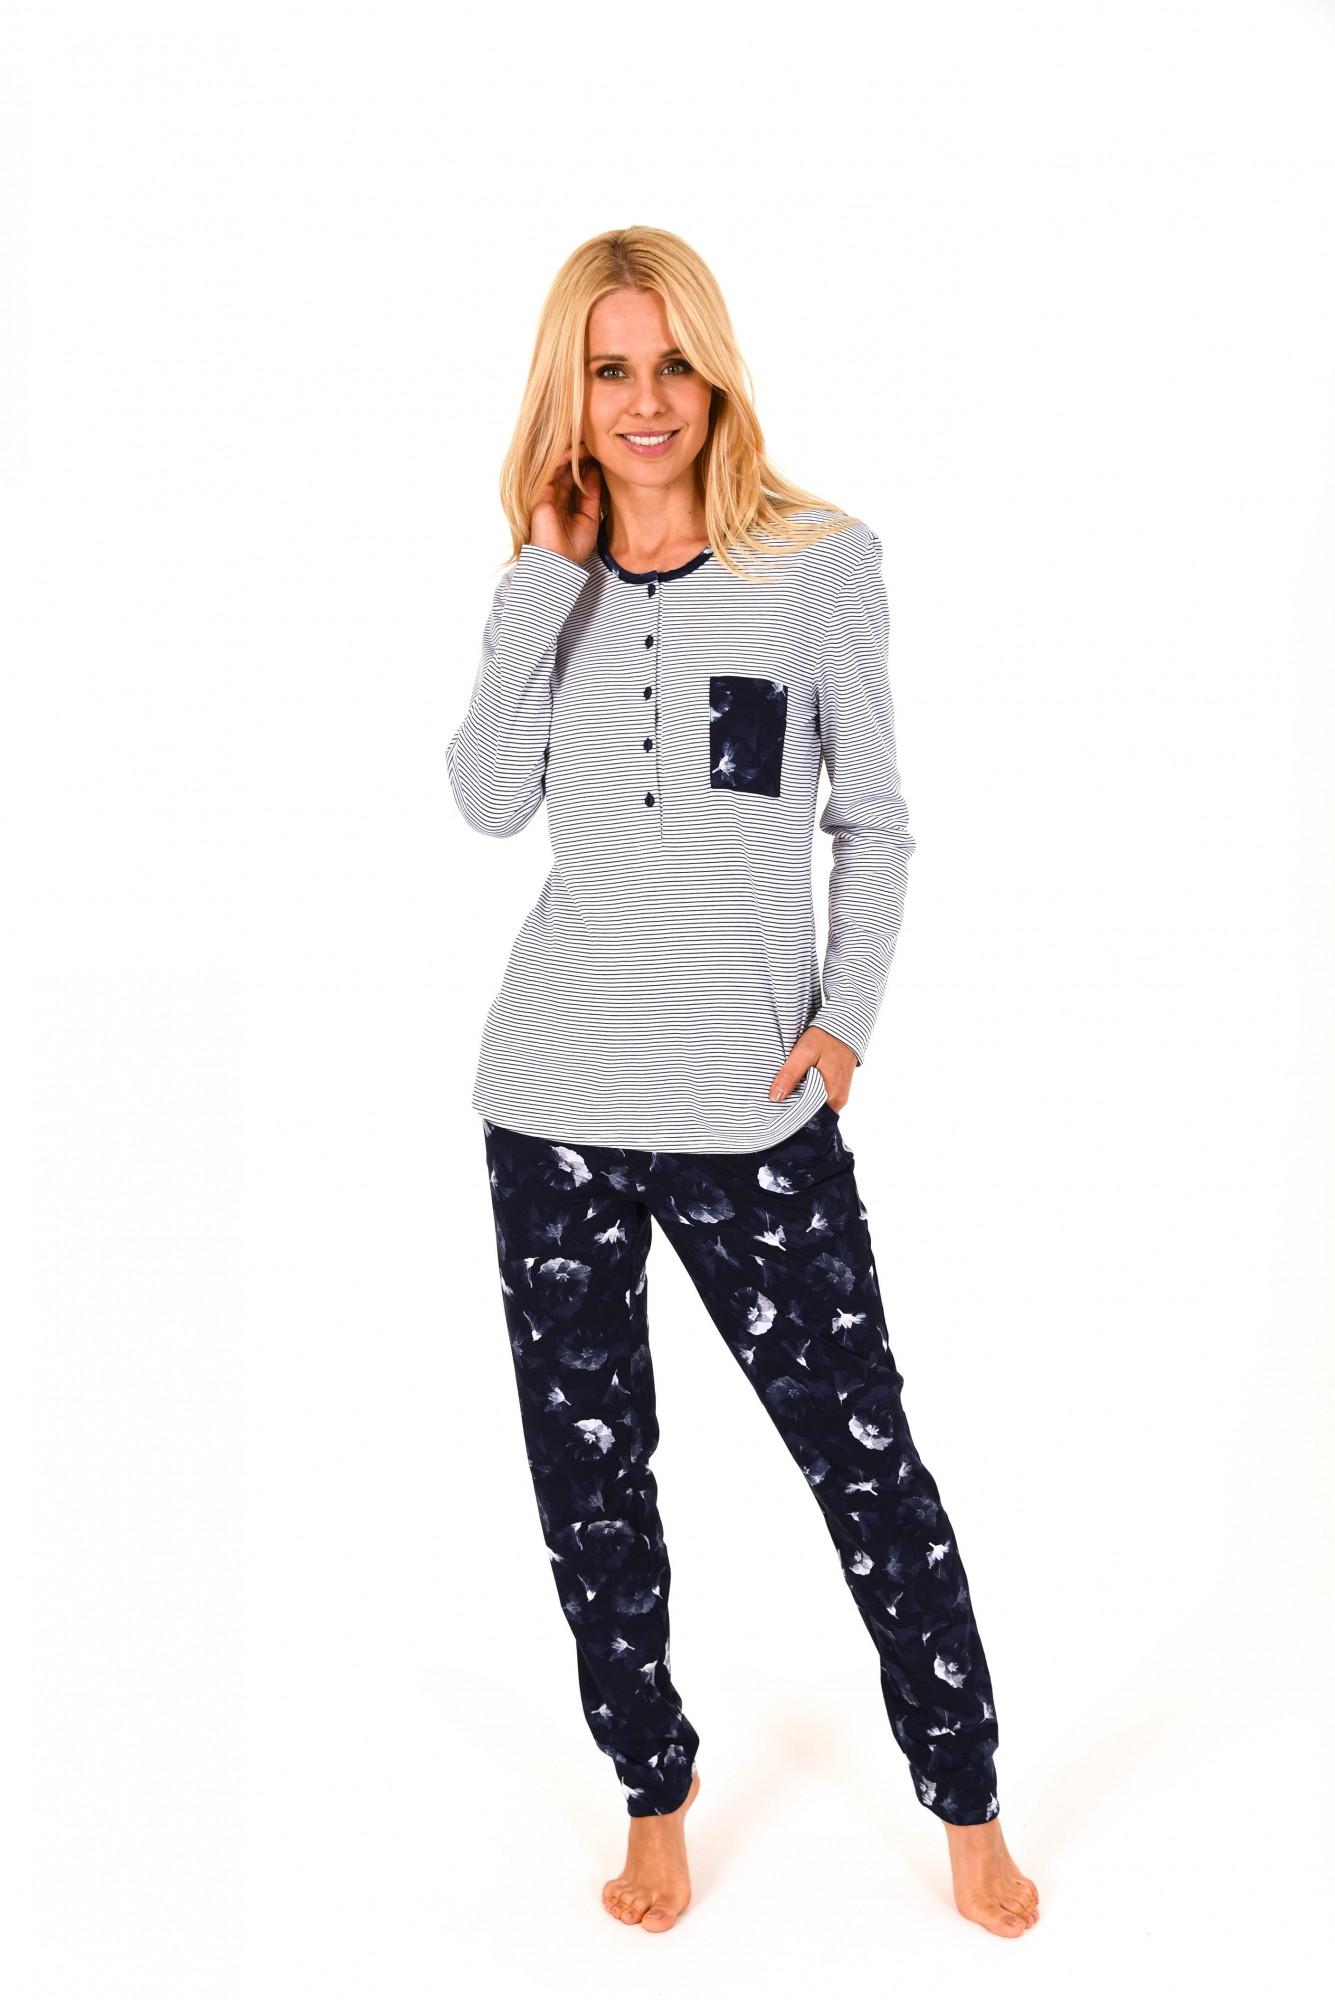 Damen Pyjama langarm – tolle Optik – 171 201 90 881 001